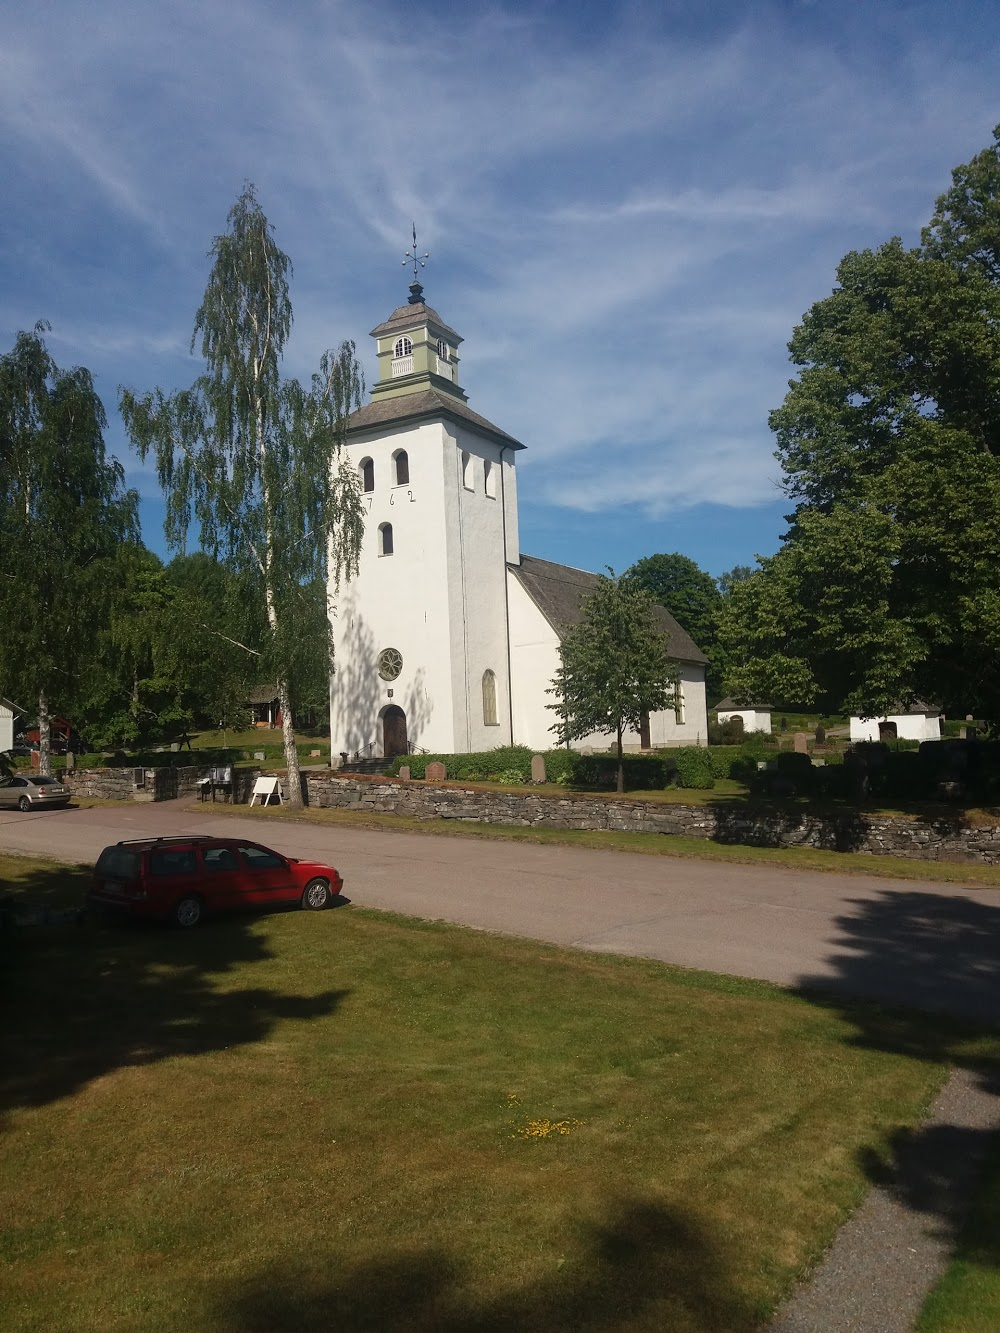 Stavnäs Kyrkogård